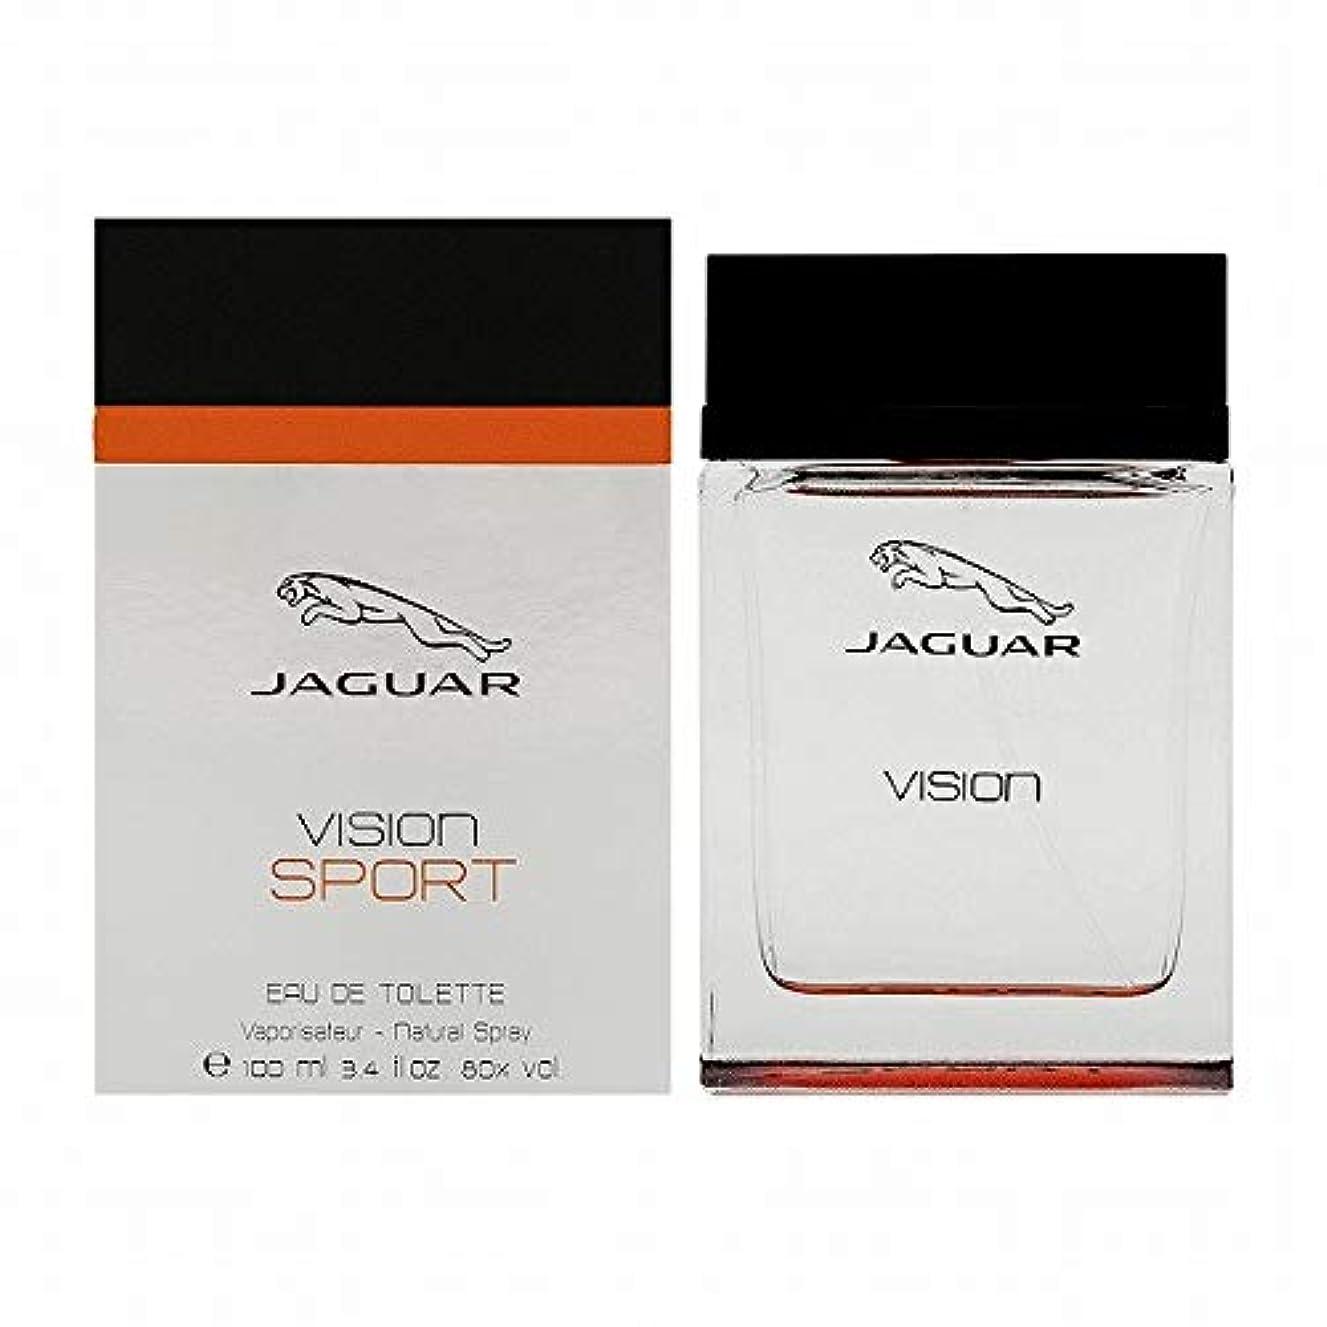 広告レコーダー大いにジャガー JAGUAR 香水 JR-JAGUARVISONSPOR-100 ジャガーヴィジョンスポーツ オードトワレ100ml【メンズ】 [並行輸入品]